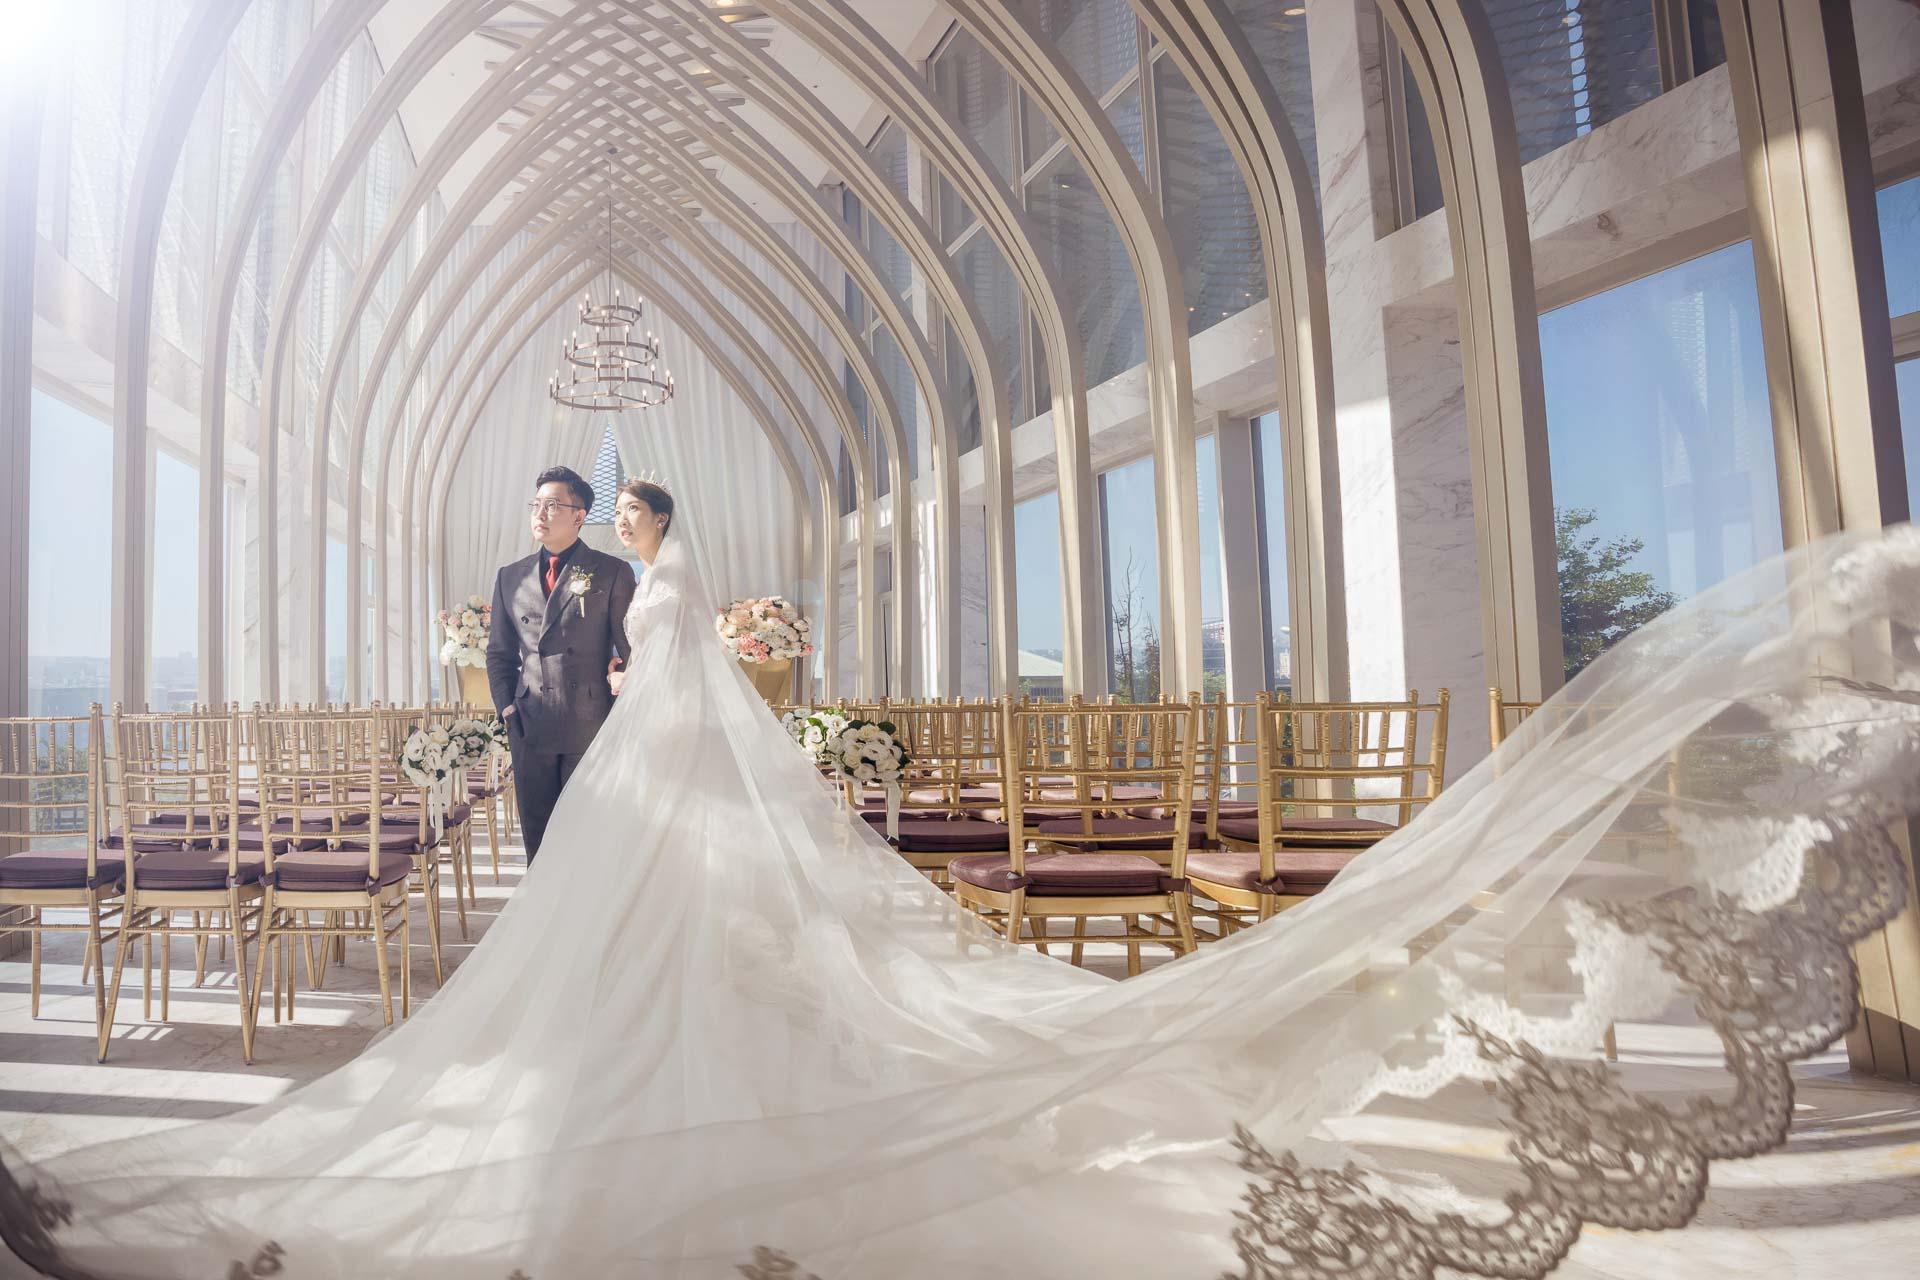 台中婚禮紀錄|在 萊特薇庭 夢幻證婚堂來場令人印象深刻的婚禮派對吧!!